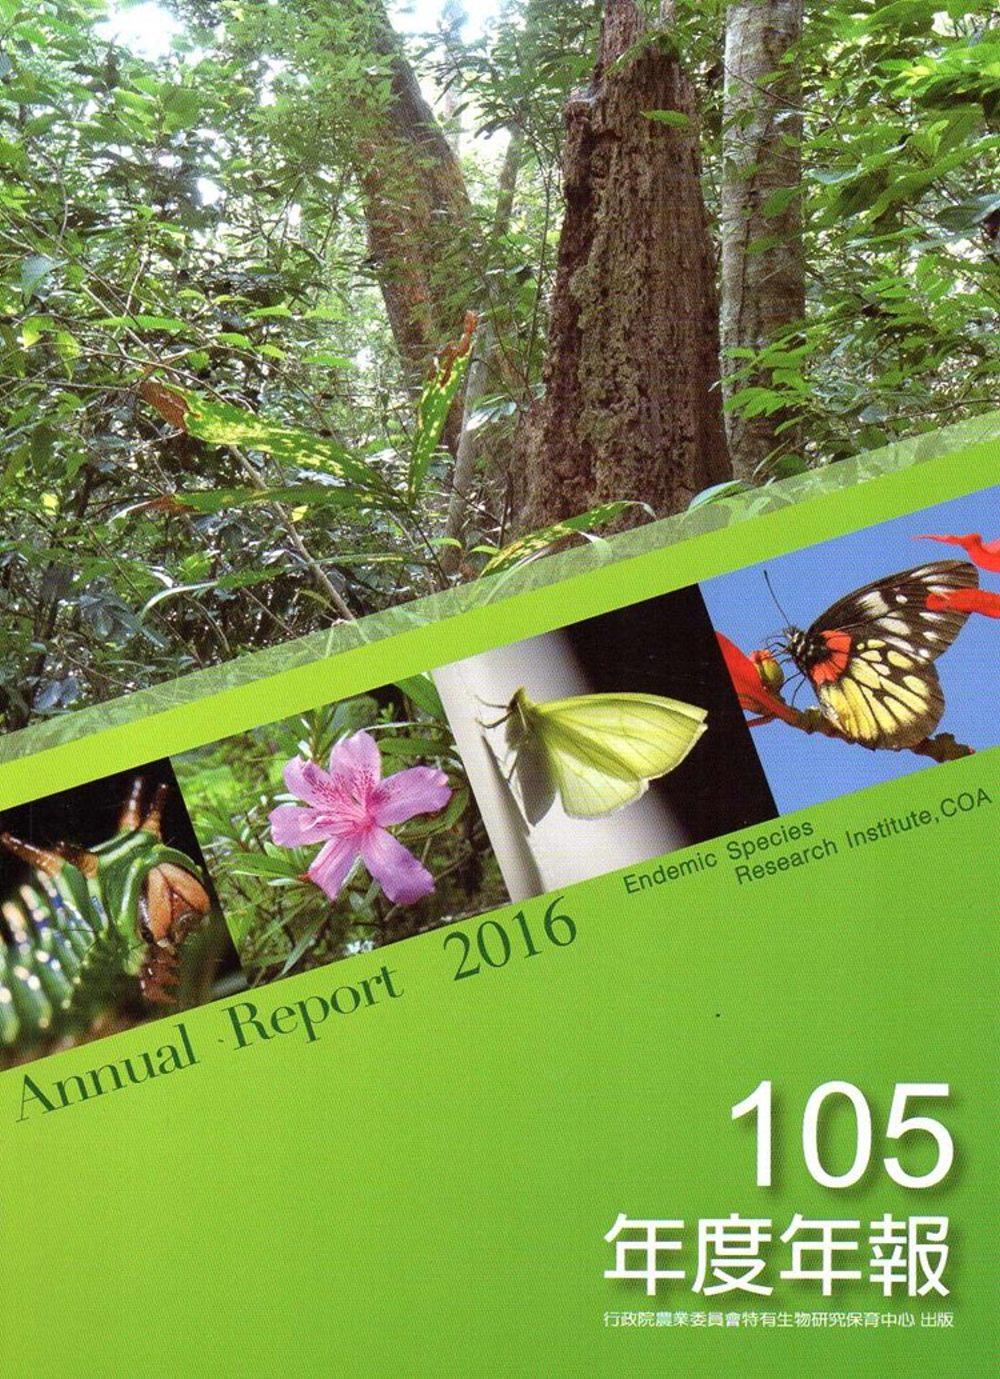 行政院農業委員會特有生物研究保育中心105年度年報